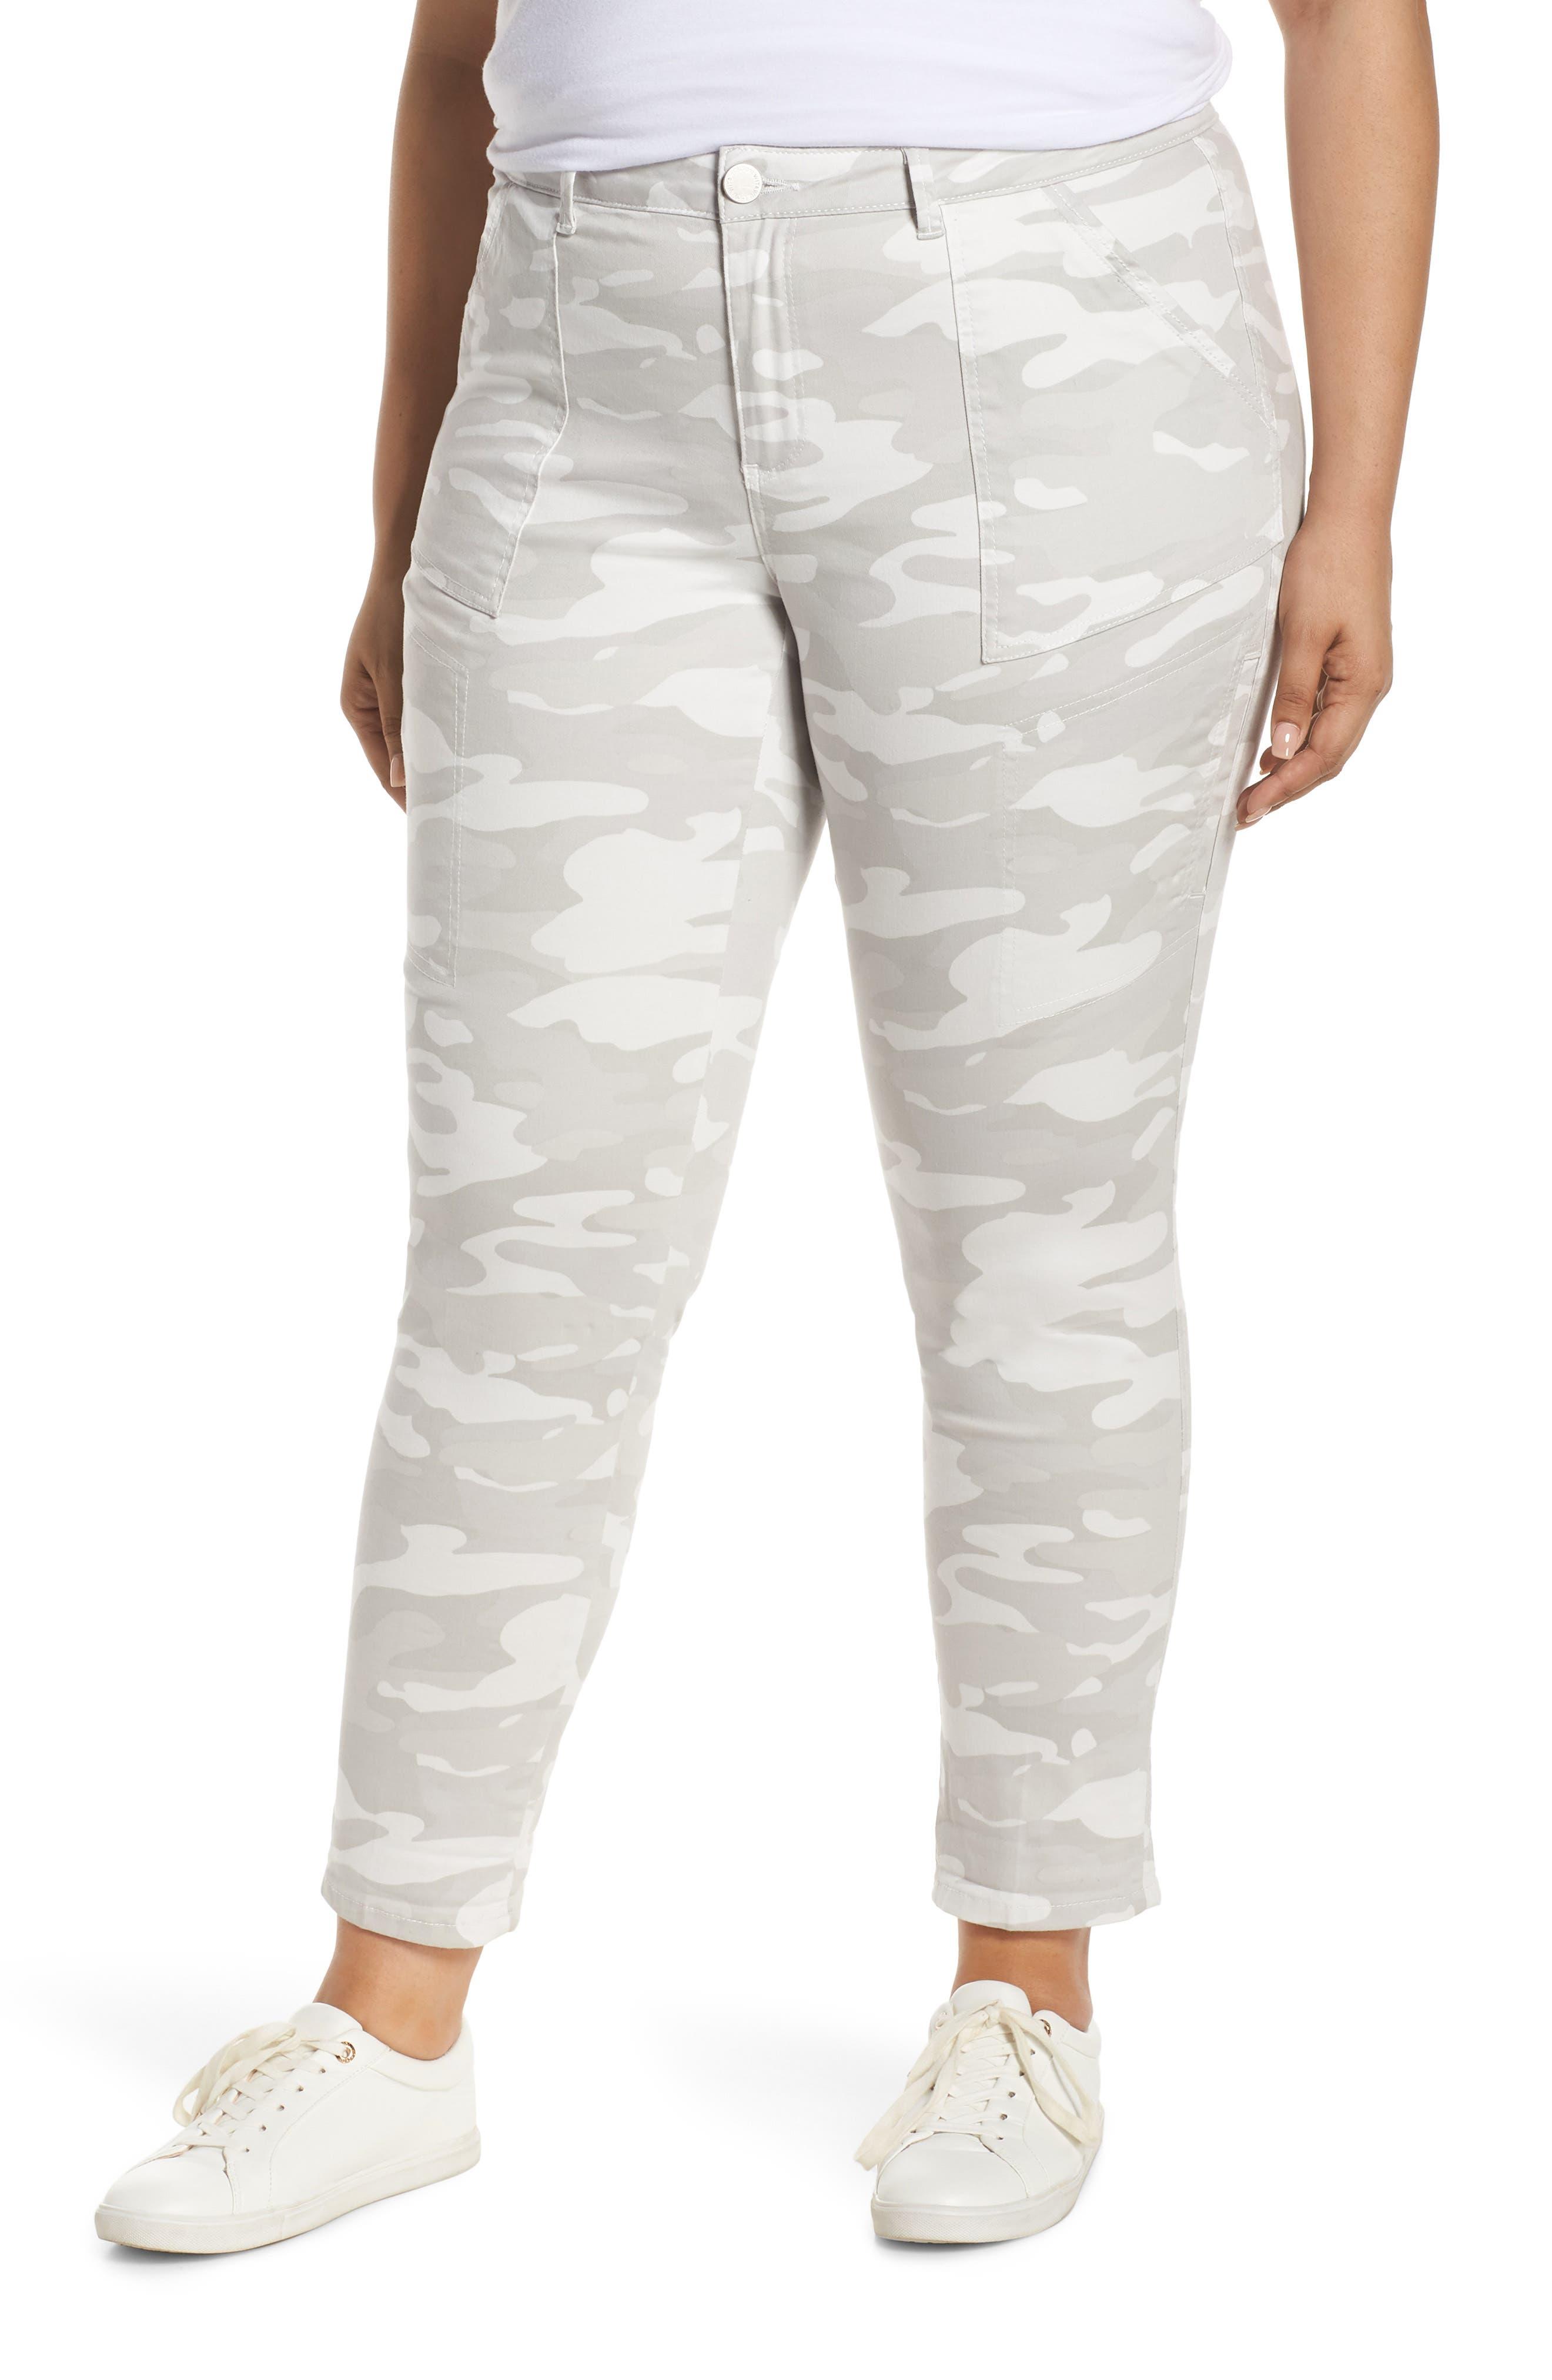 Plus Size Wit & Wisdom Flex-Ellent High Waist Stretch Cotton Cargo Pants, Grey (Plus Size) (Nordstrom Exclusive)